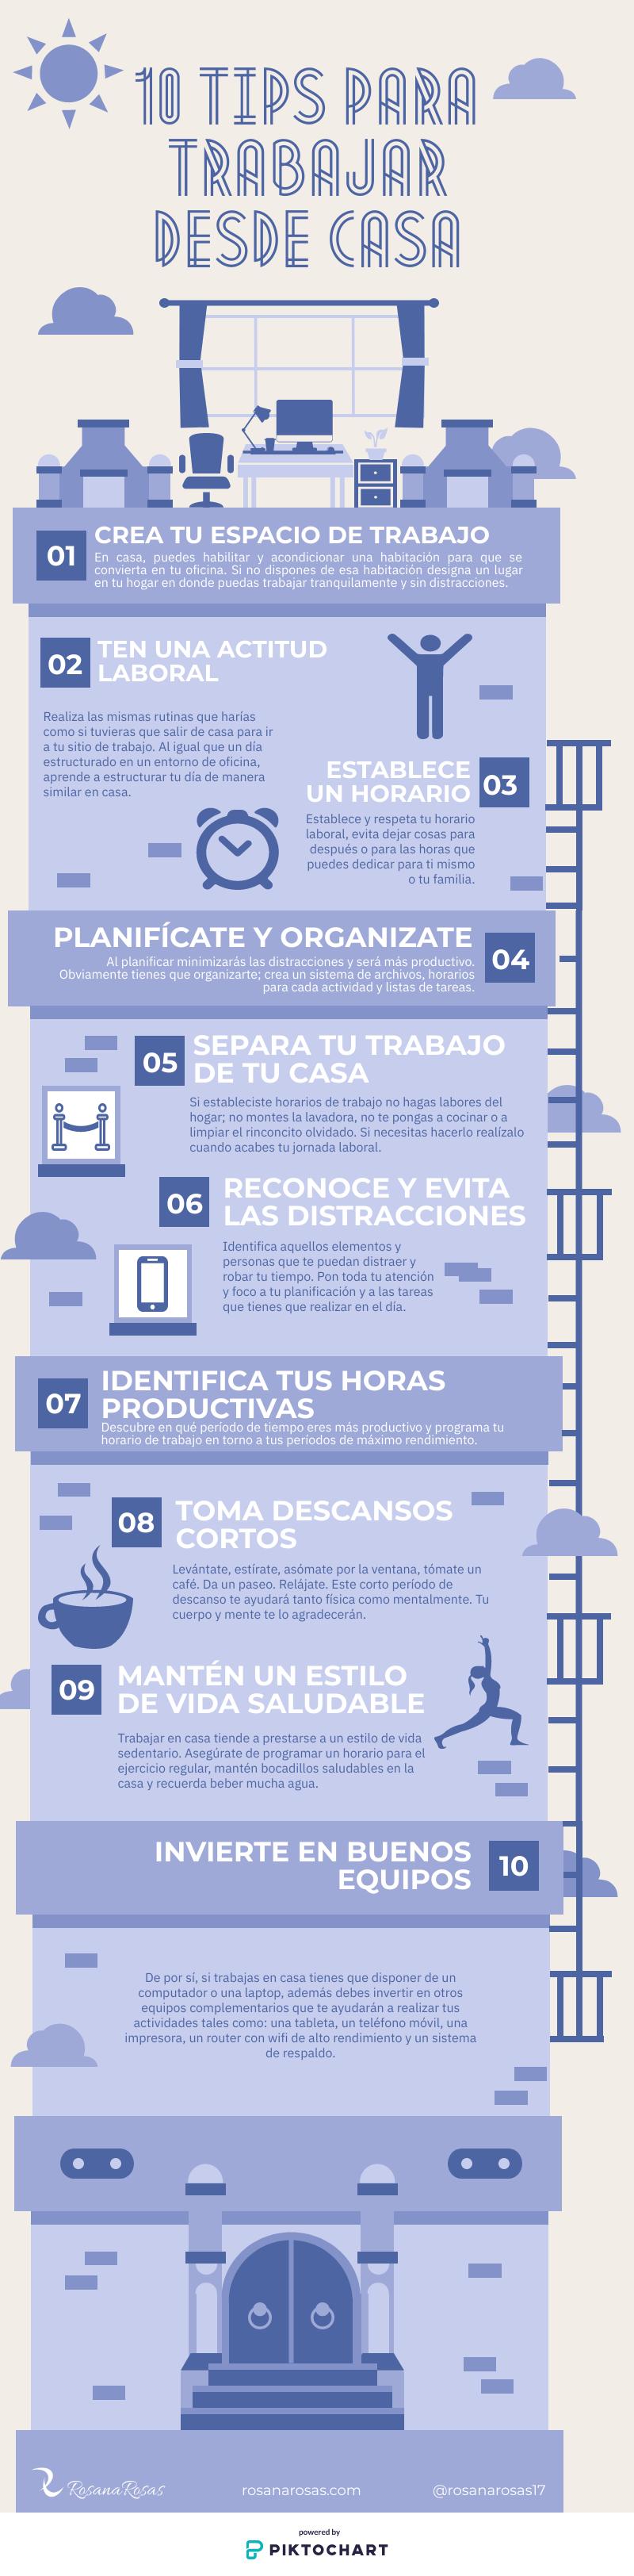 10 Tips para trabajar desde casa